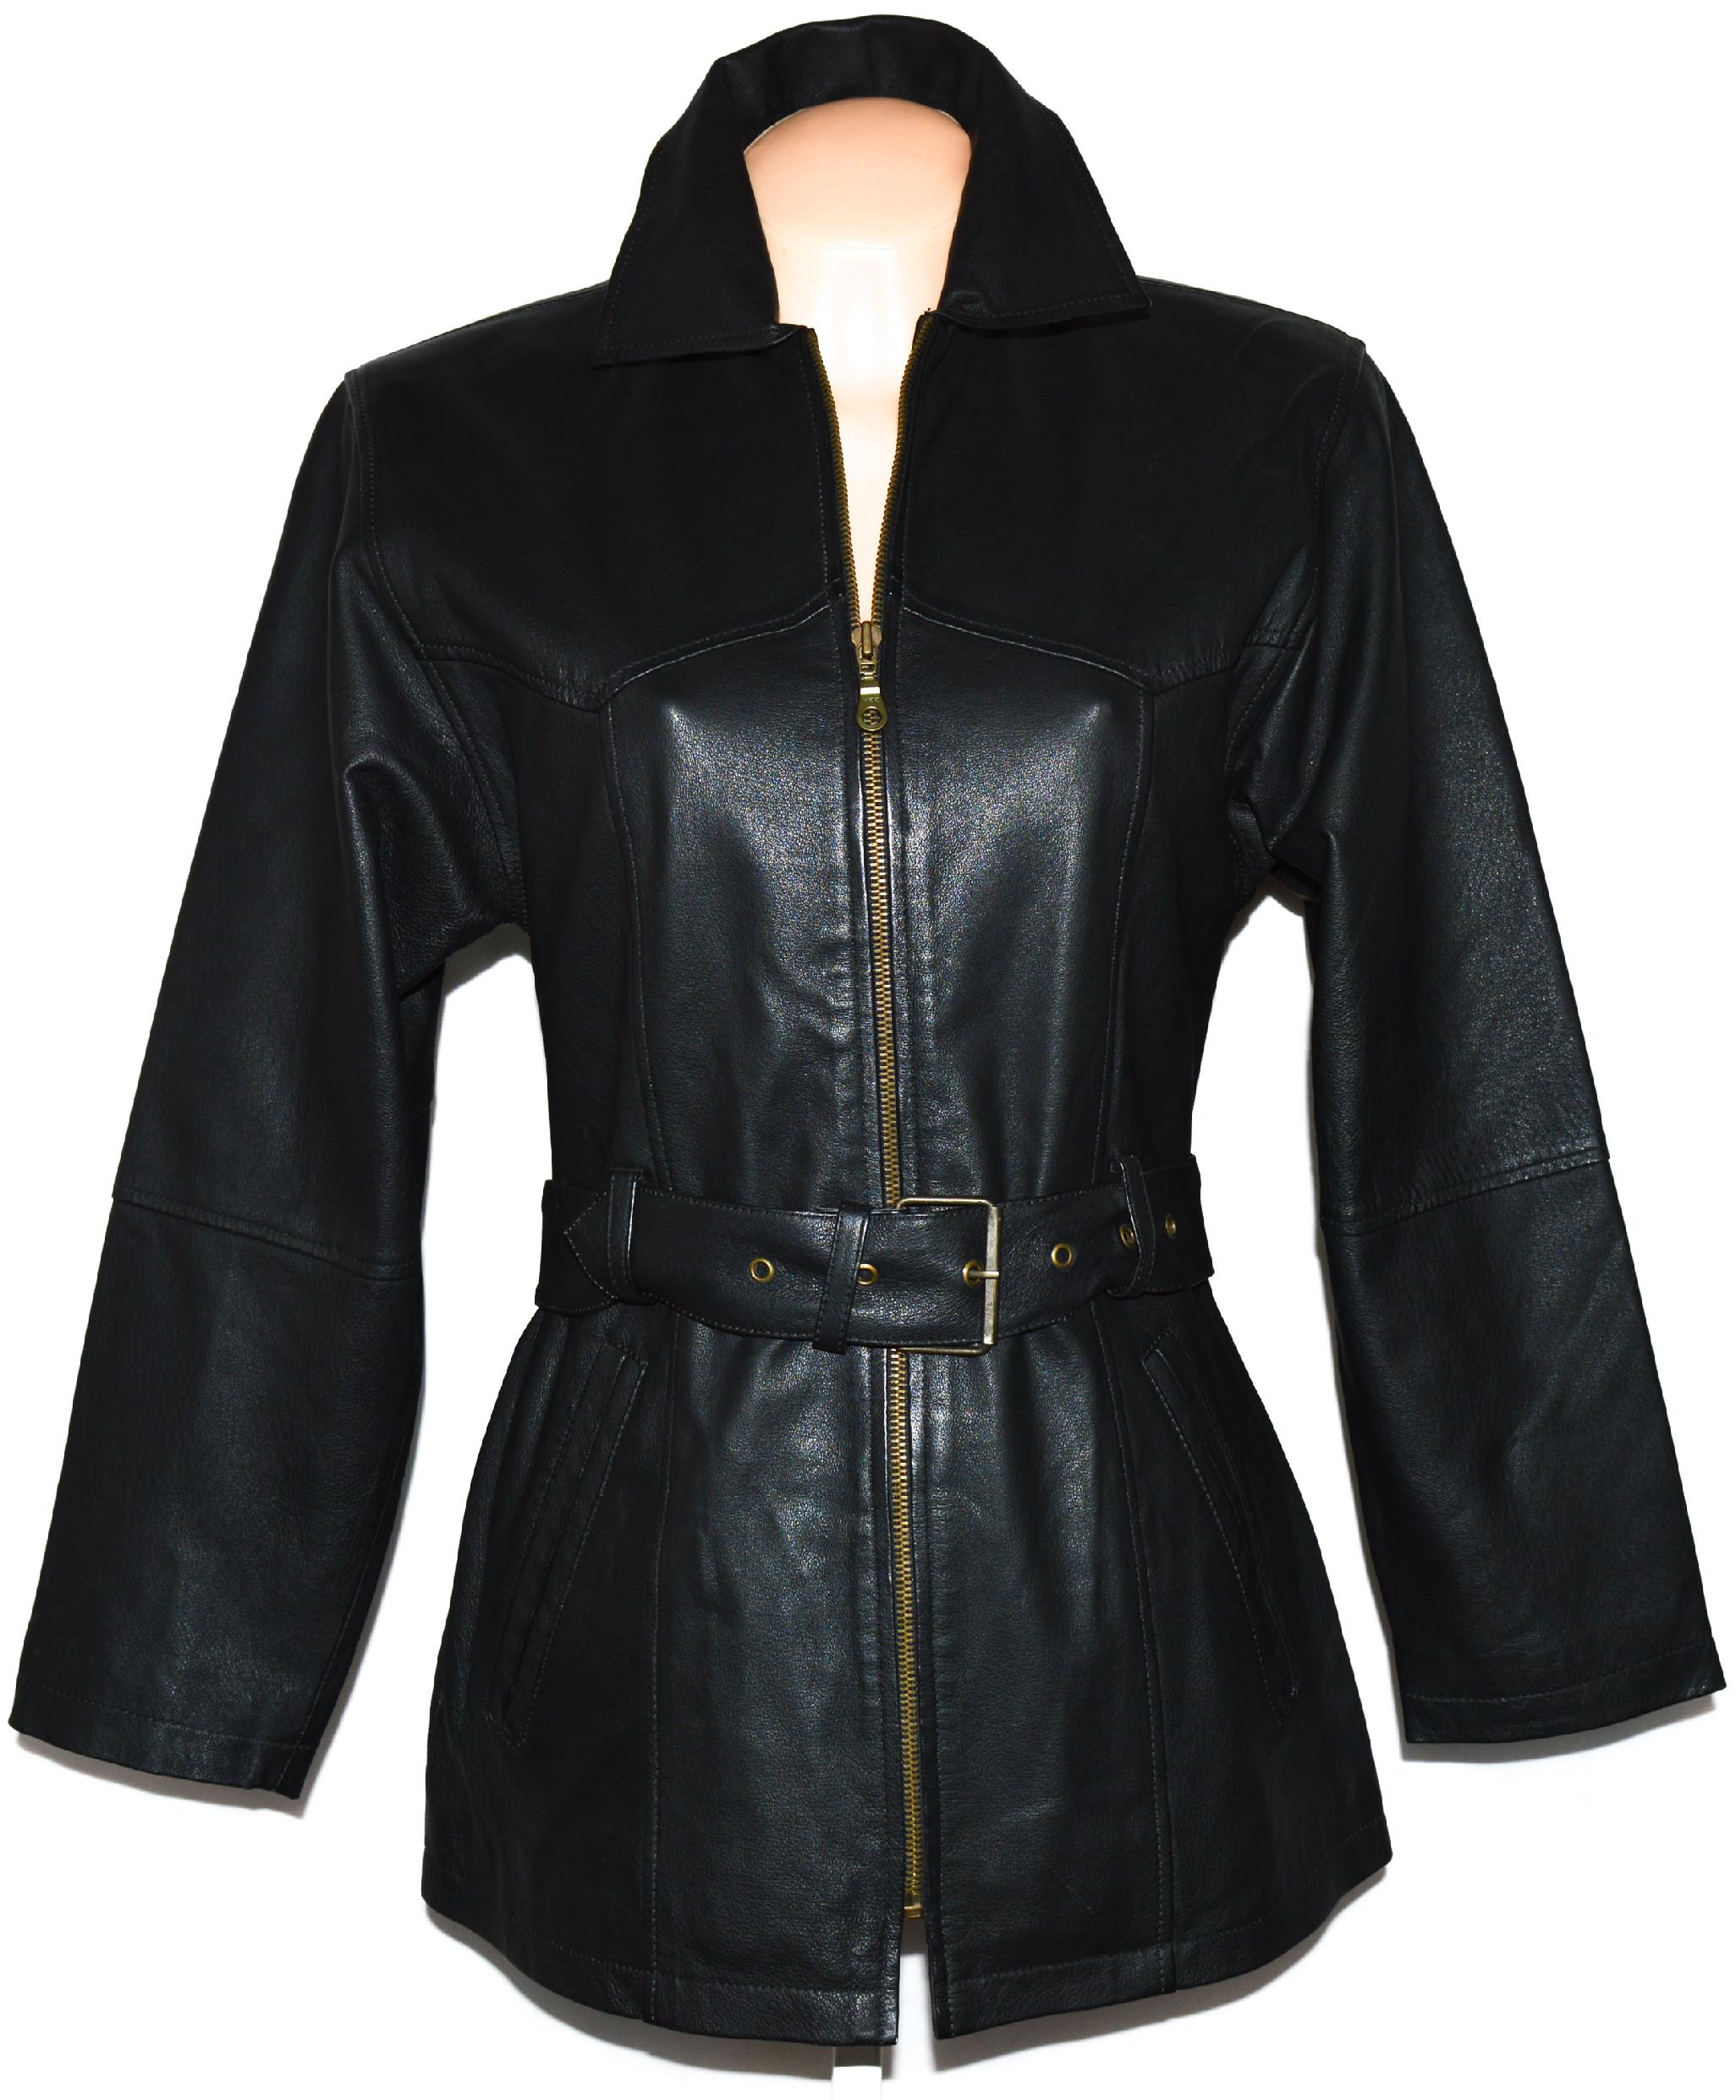 KOŽENÝ dámský černý měkký kabát na zip s páskem S